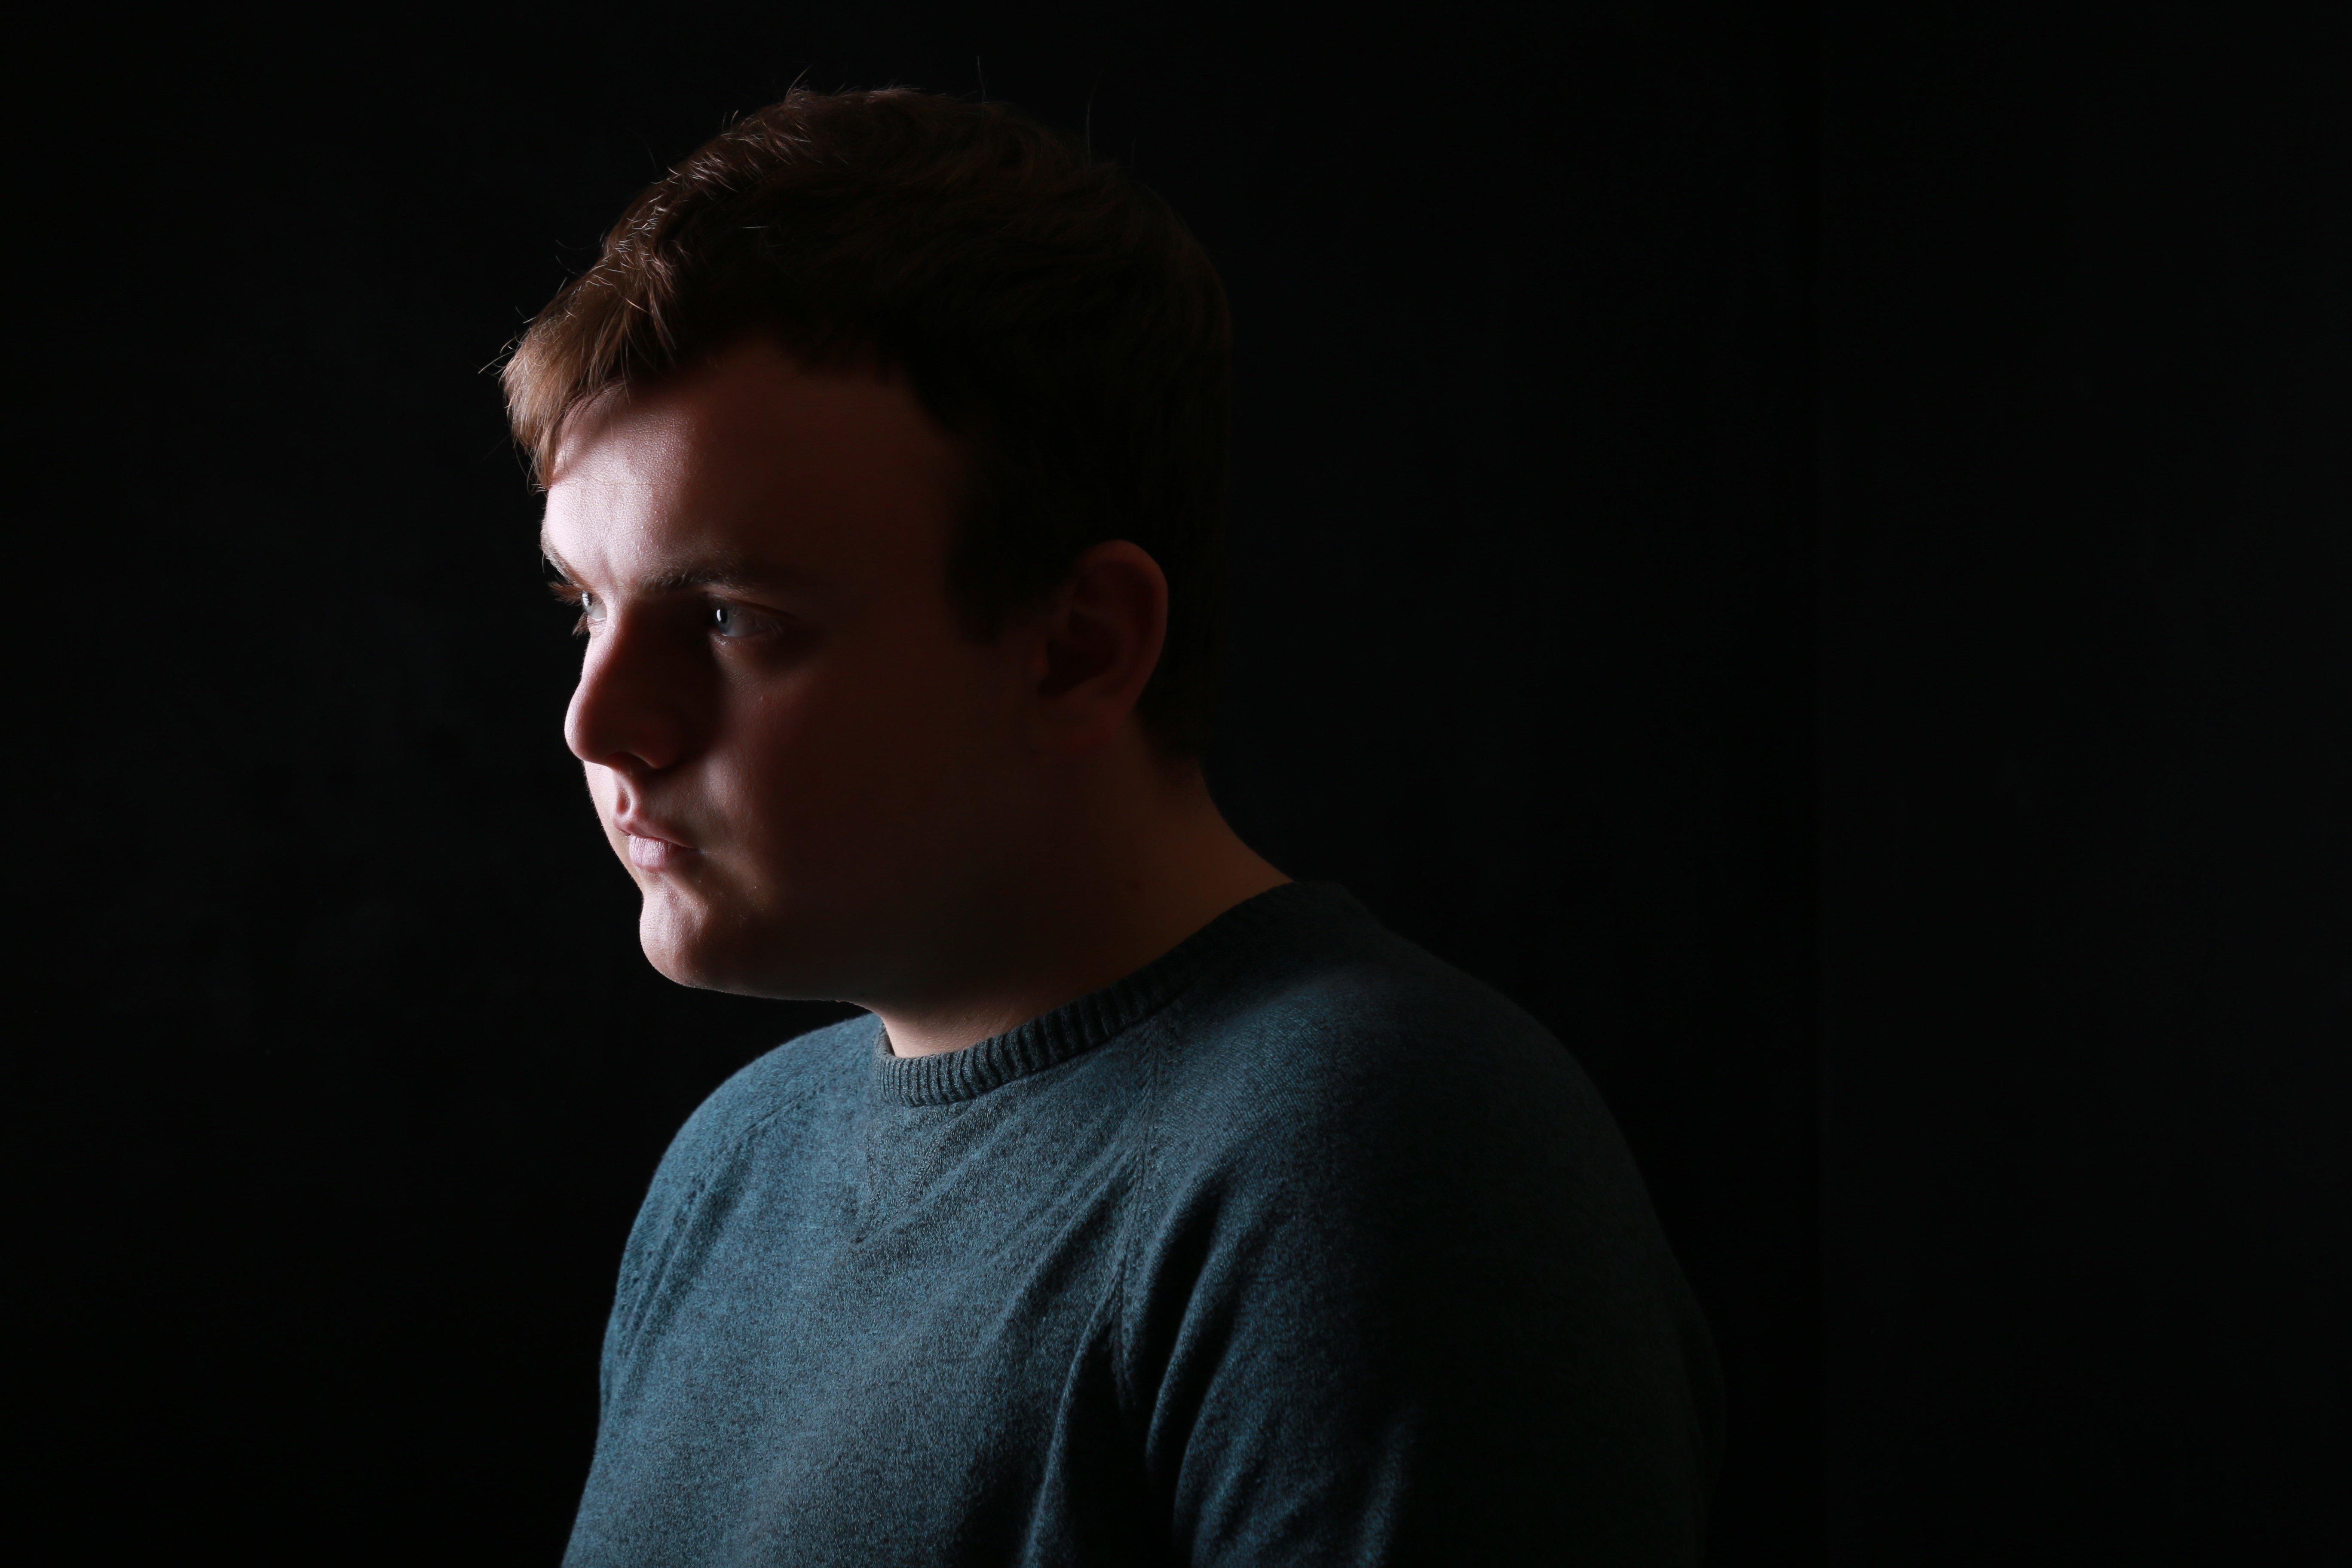 Andrew white 1